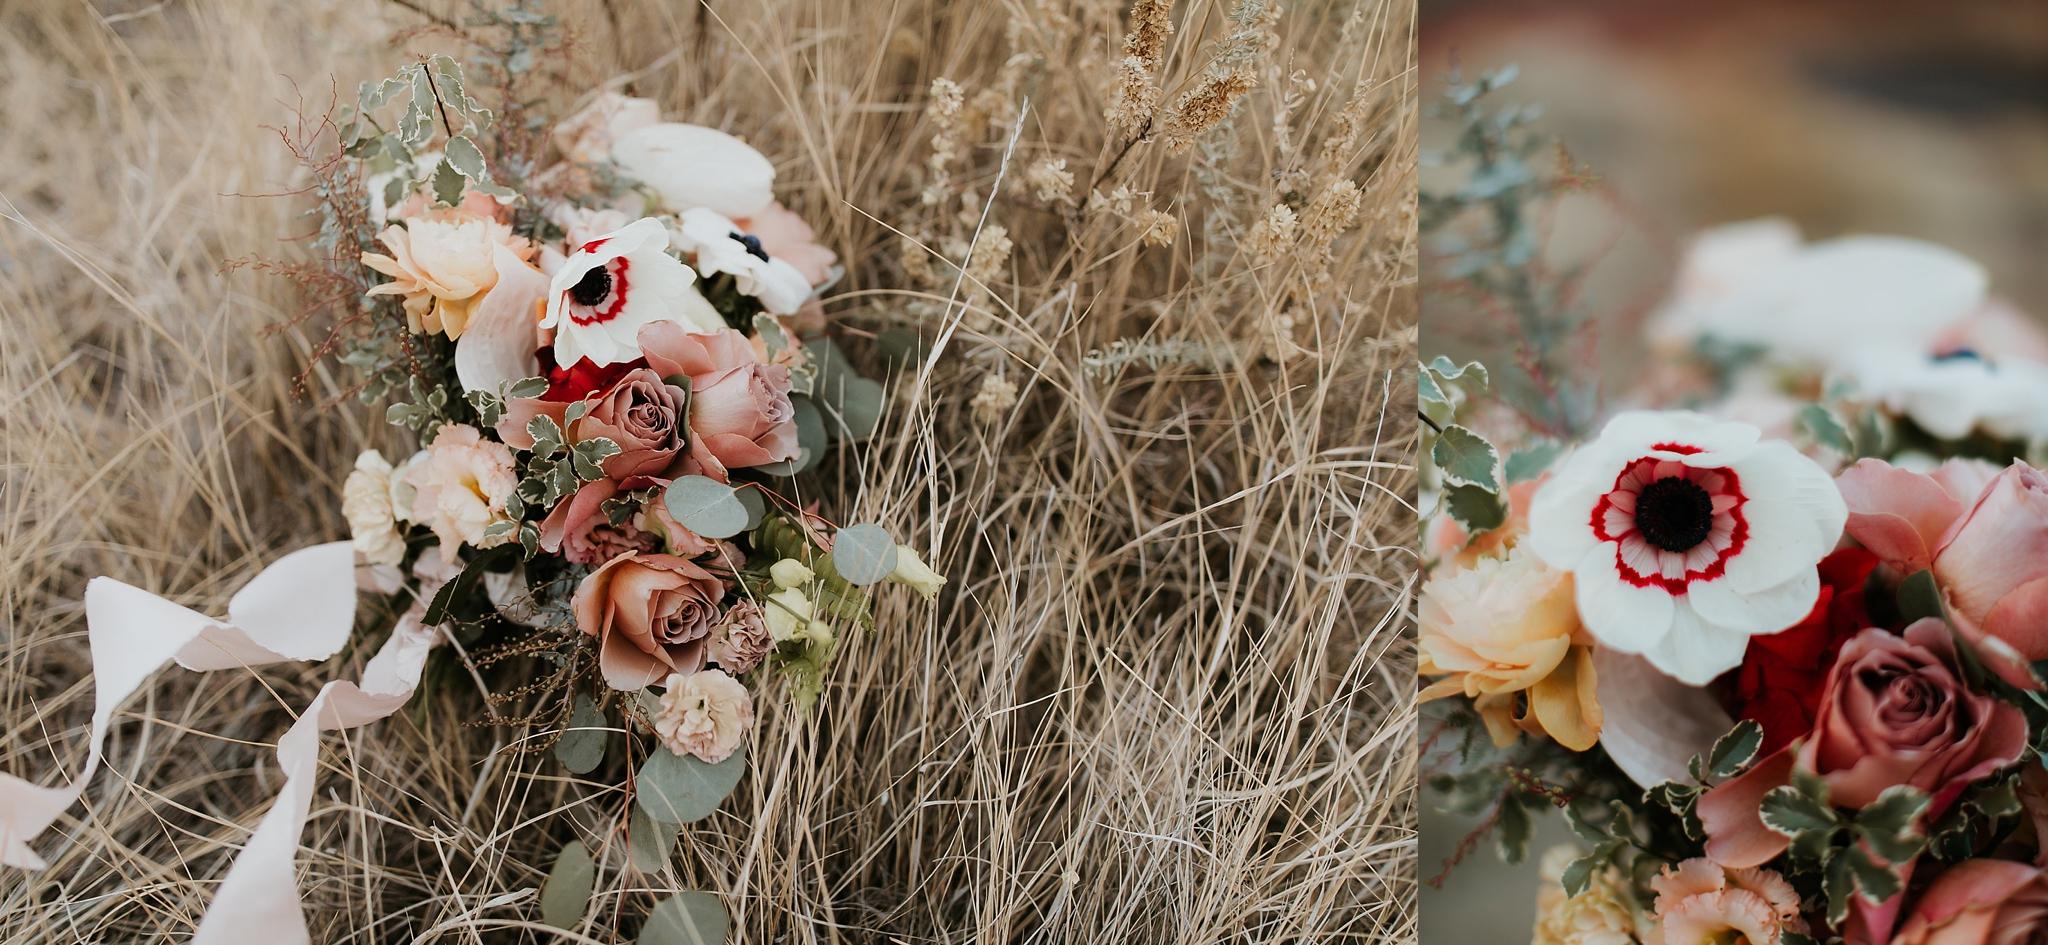 Alicia+lucia+photography+-+albuquerque+wedding+photographer+-+santa+fe+wedding+photography+-+new+mexico+wedding+photographer+-+new+mexico+florist+-+wedding+florist+-+renegade+floral_0067.jpg